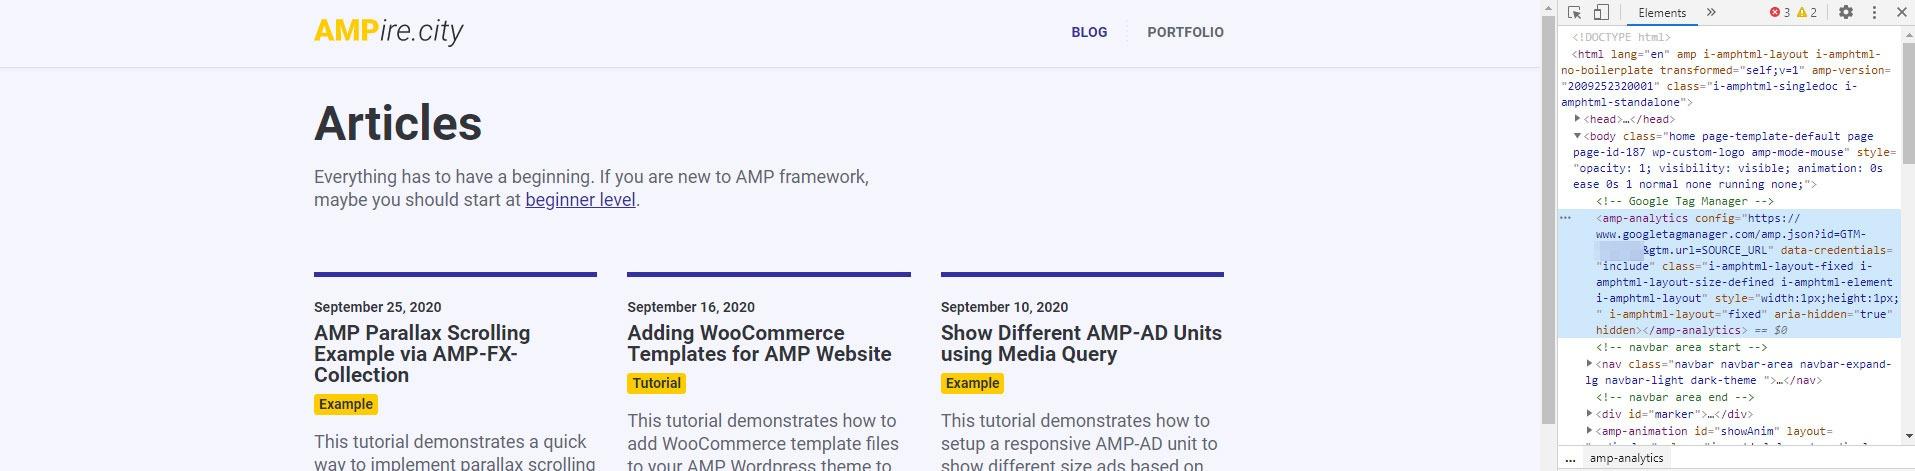 Testing Google Tag Manager on AMP Website via developer tools